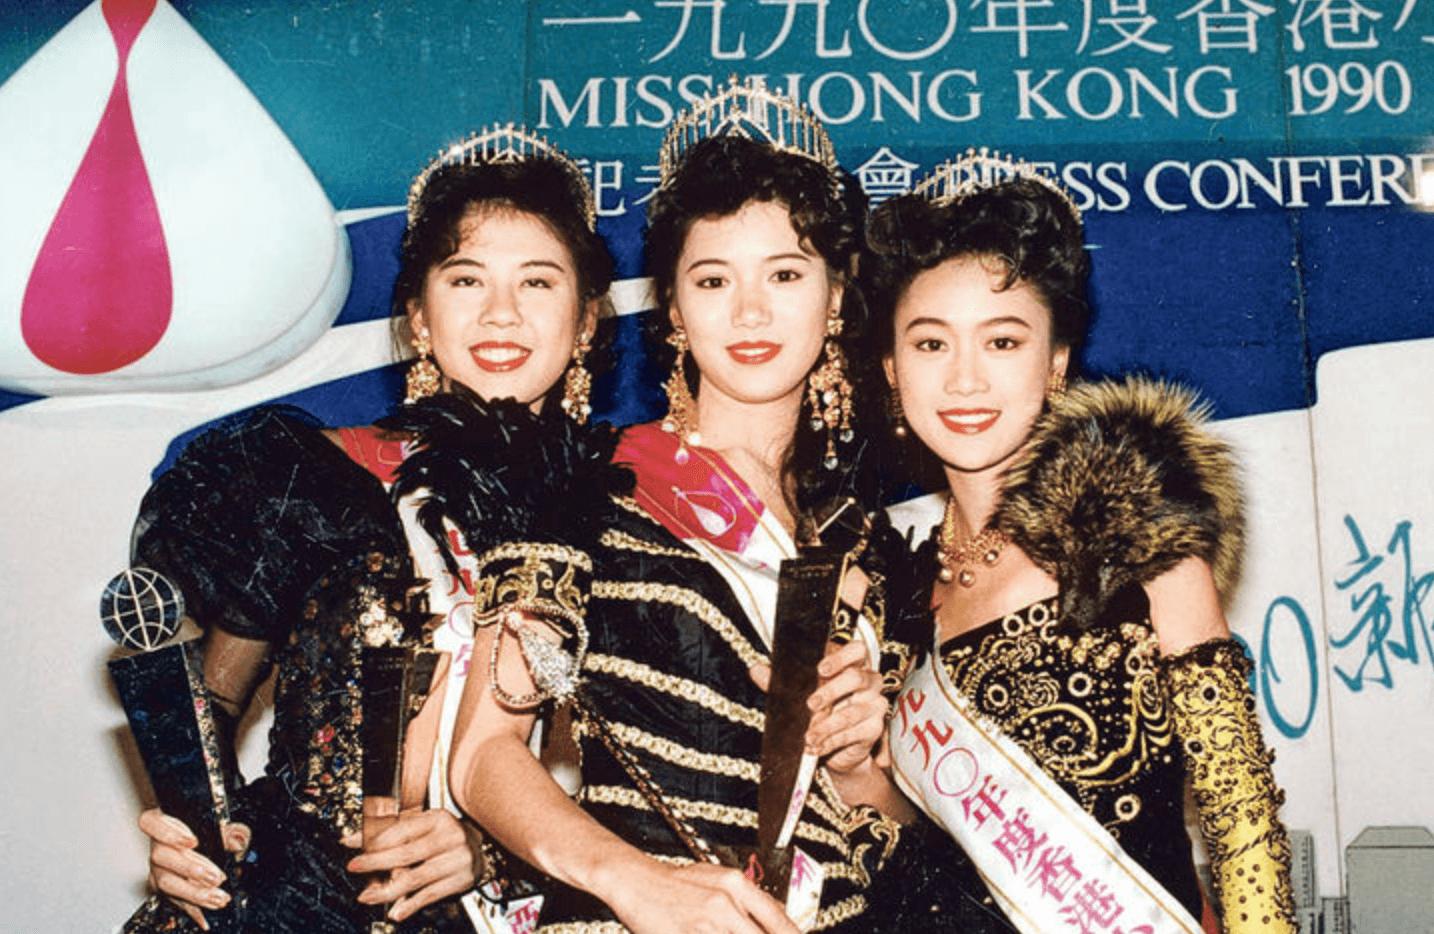 袁詠儀奪得1990年度香港小姐冠軍